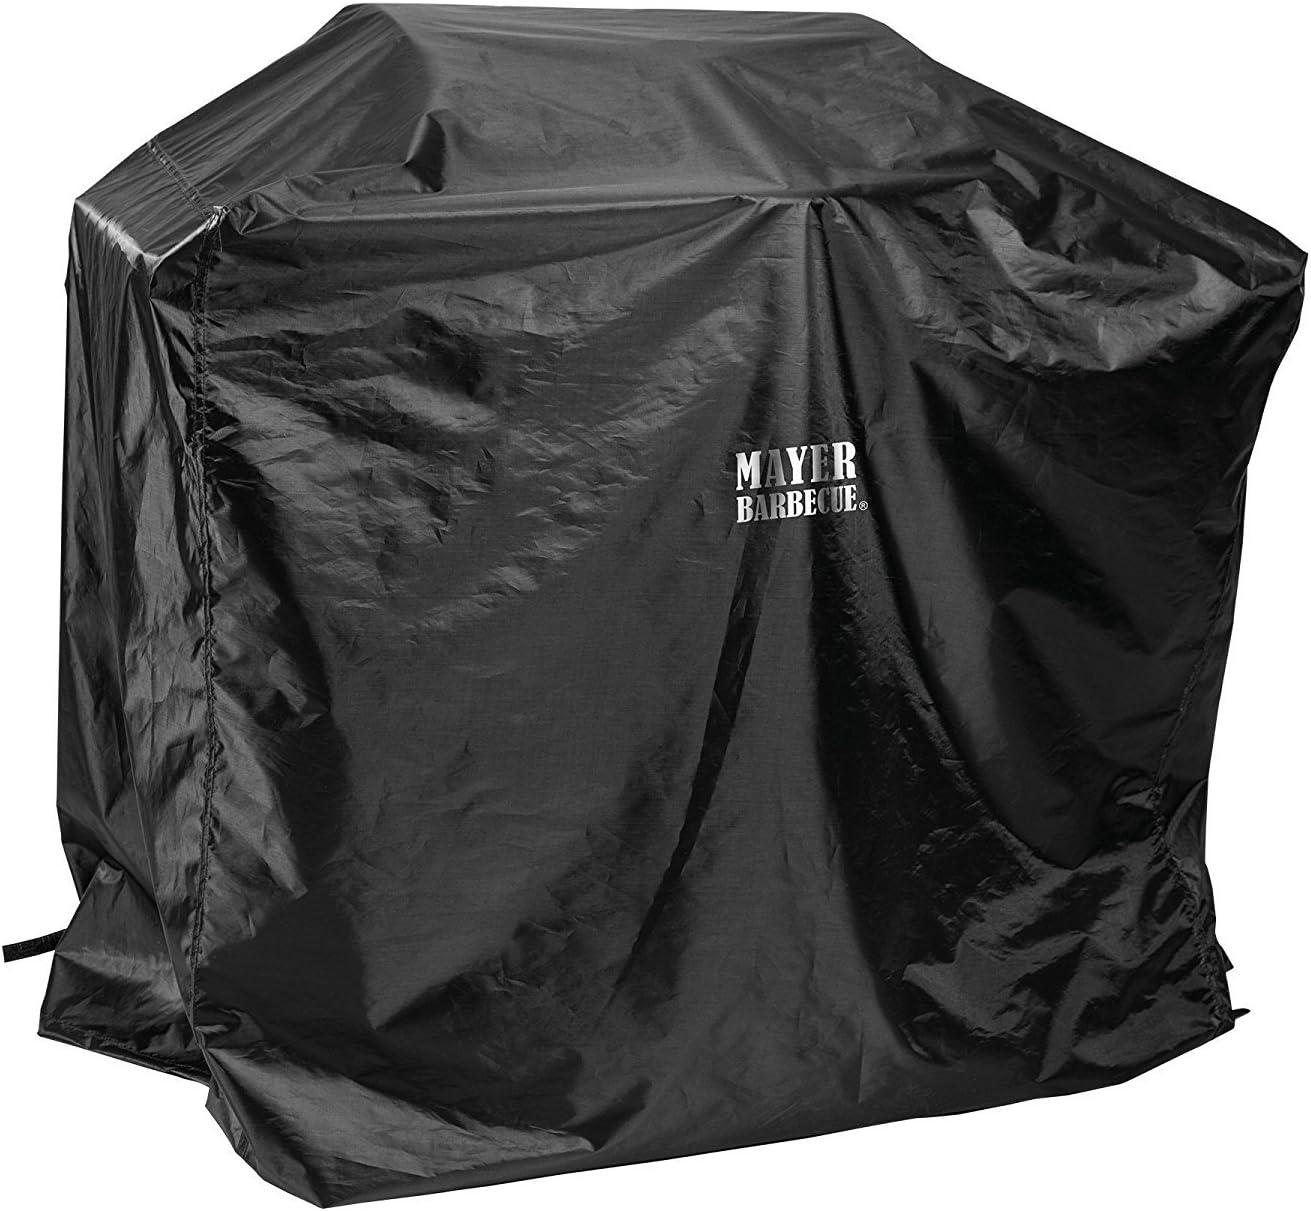 Size : 120 * 120 * 74cm Impermeabile E Anti UV Rivestimento for Mobili Antipolvere for Giardino 210D Oxford Cloth Dust cover Copertura for Barbecue Allaperto